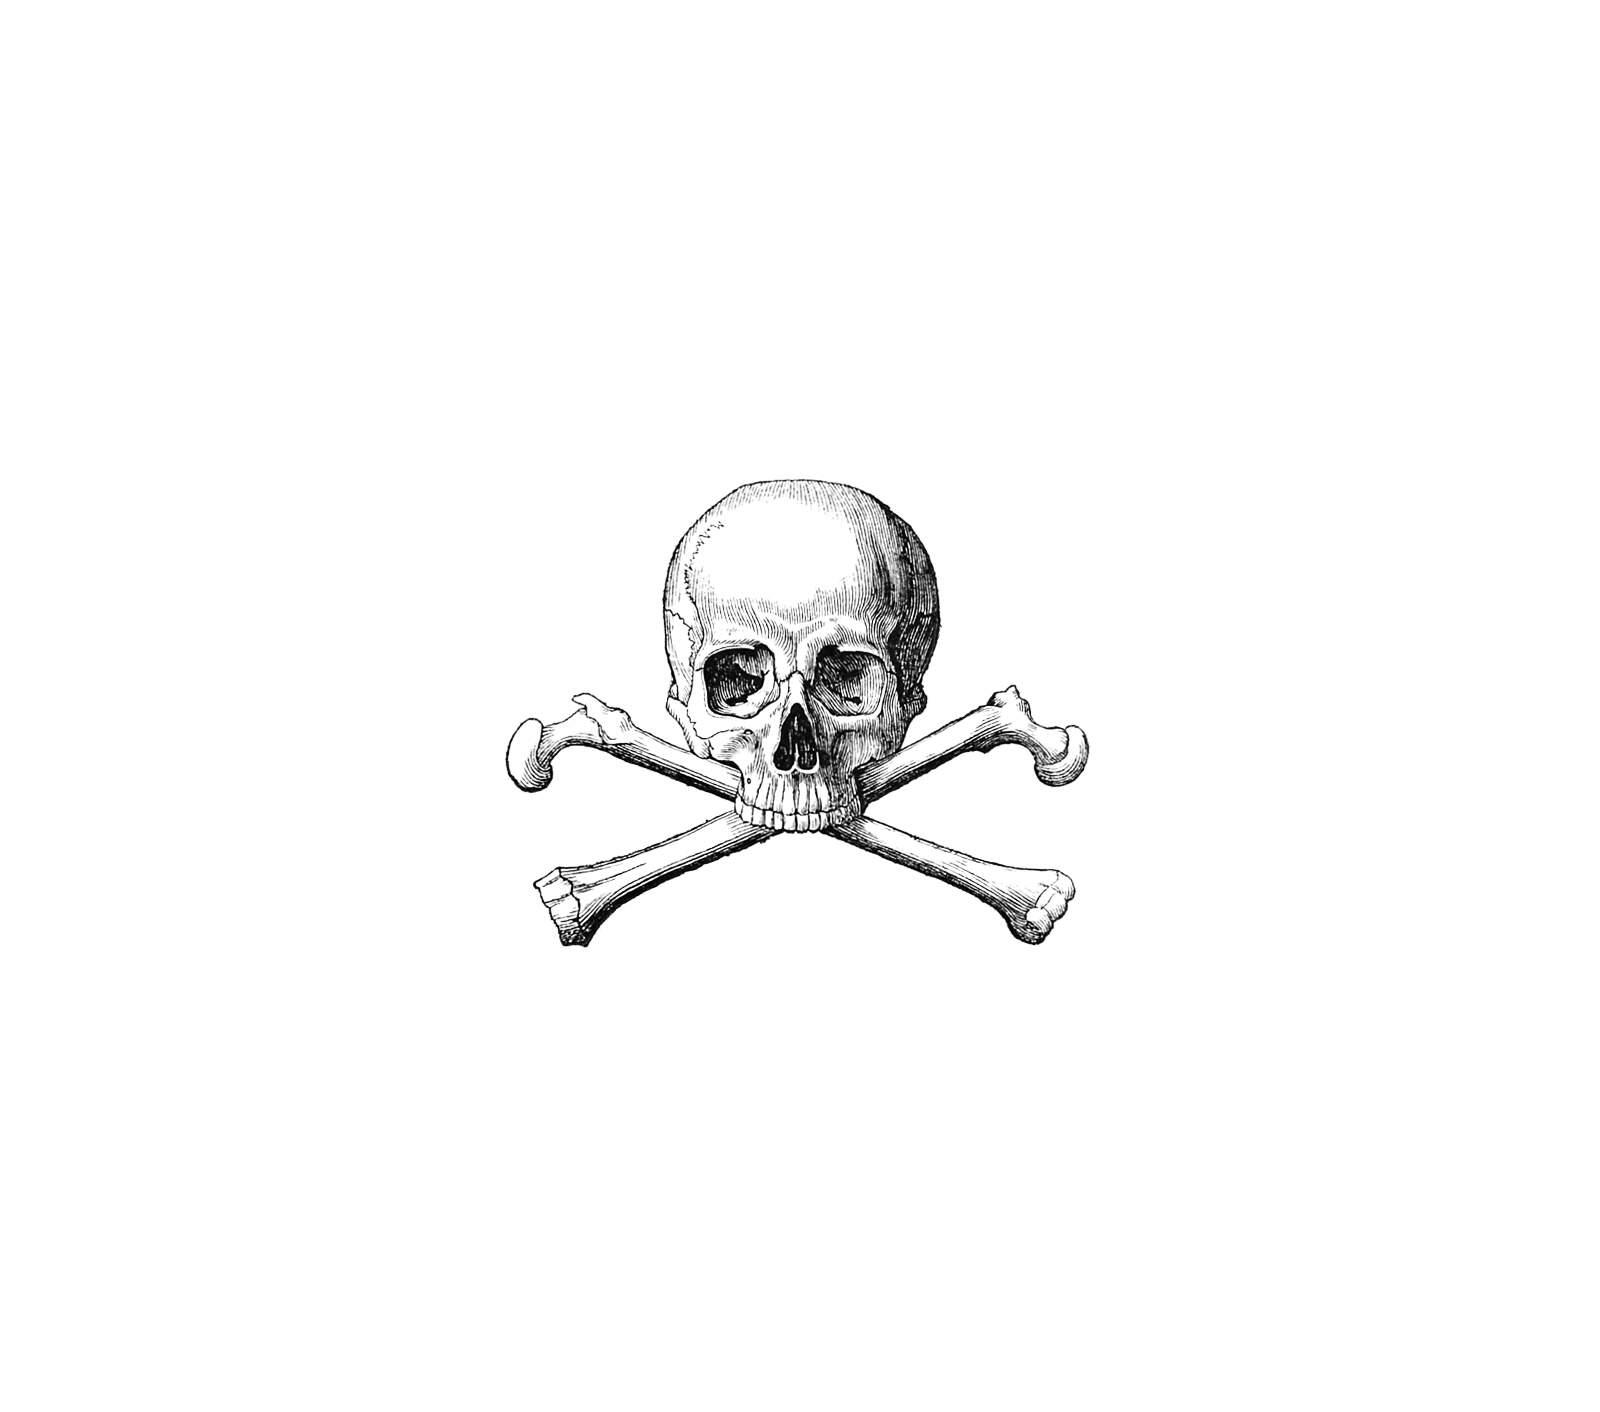 skull-crossbones-1600.jpg (1600×1412)